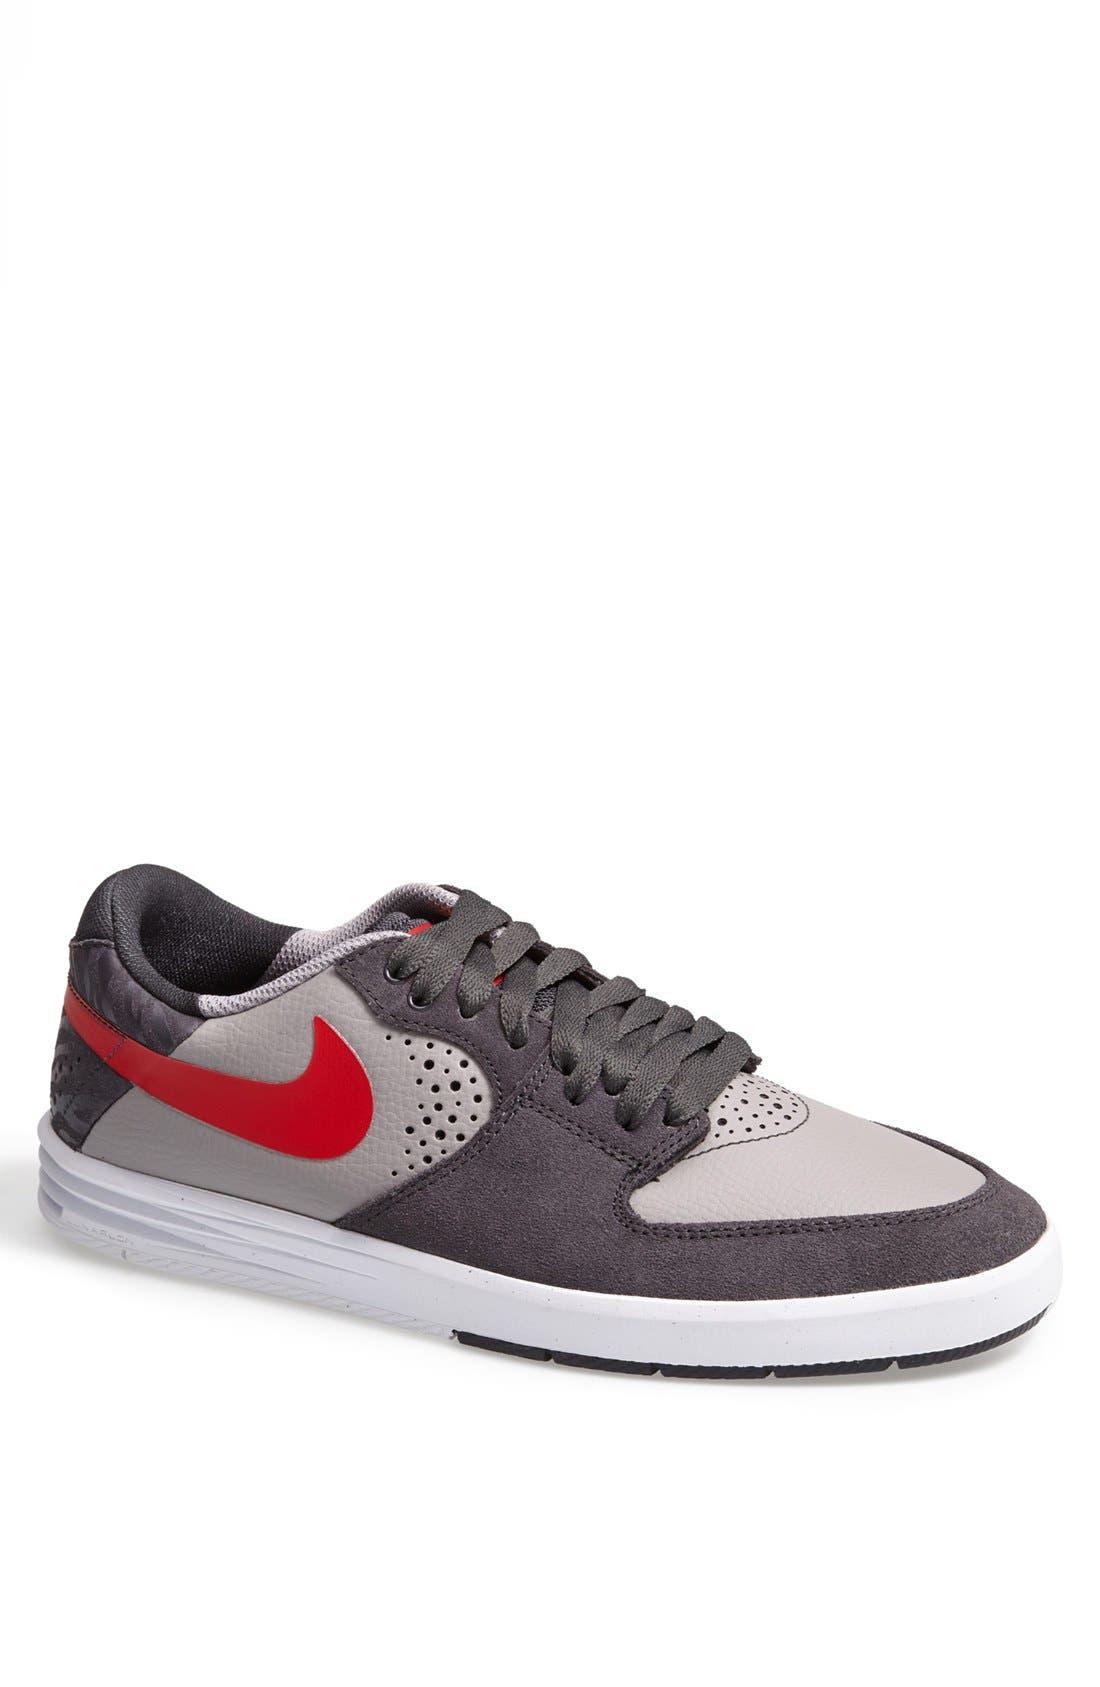 Alternate Image 1 Selected - Nike 'Paul Rodriguez 7' Skate Shoe (Men)